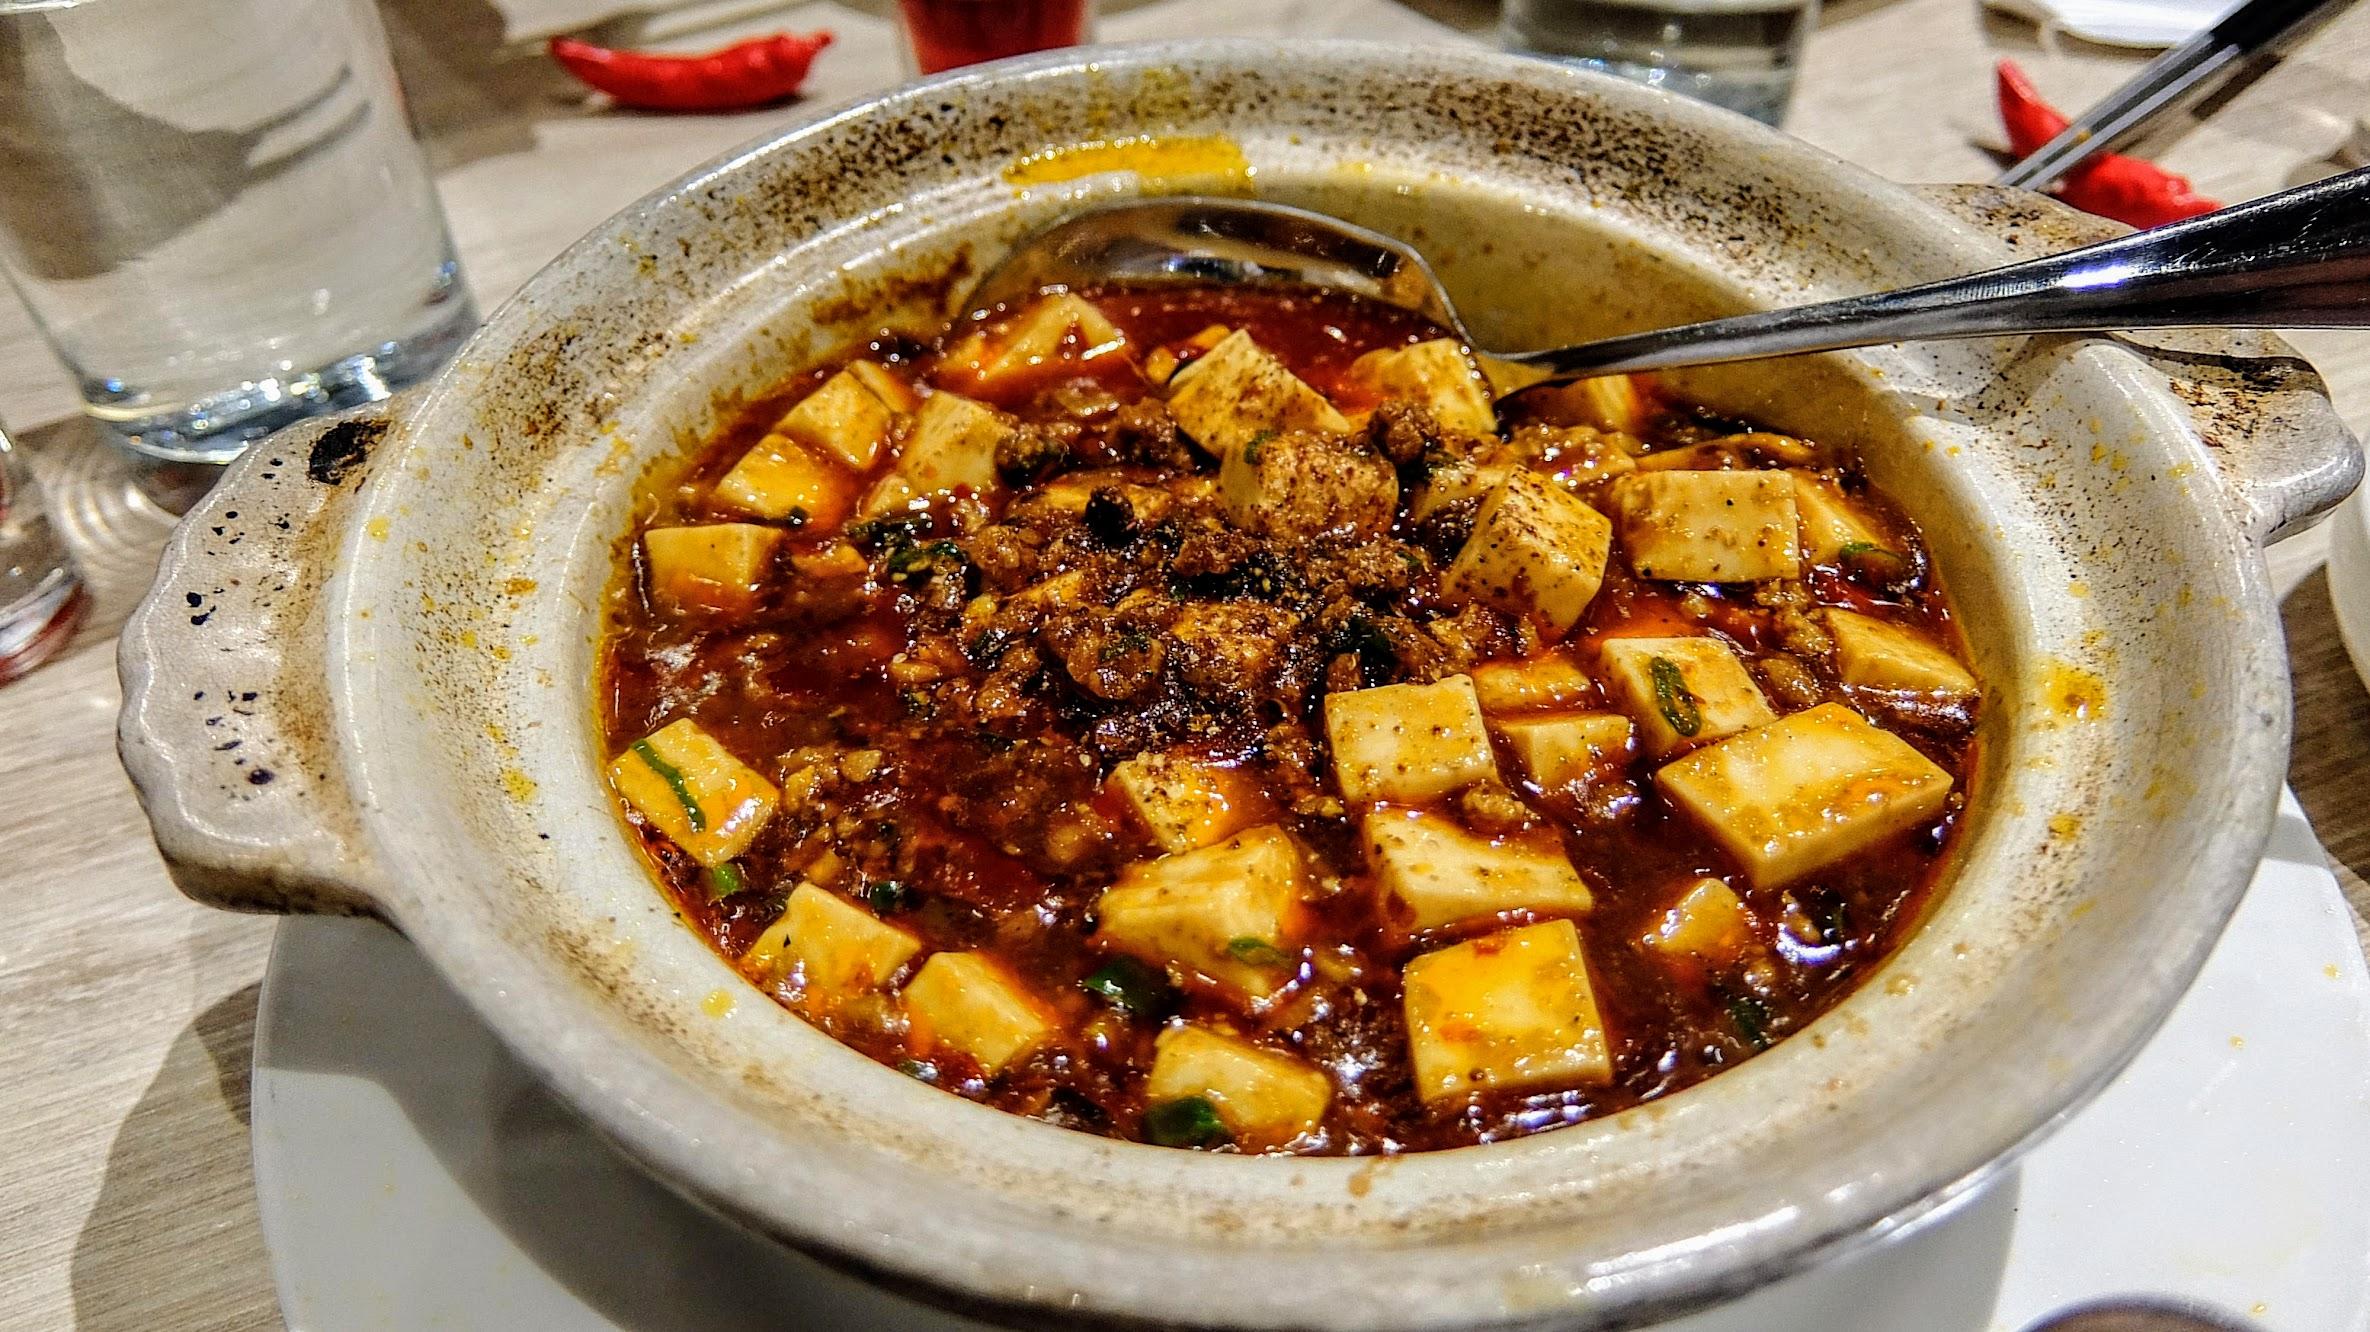 就是麻婆豆腐,看起來很辣啊! 吃起來是花椒的麻,不錯吃,也很開胃喔